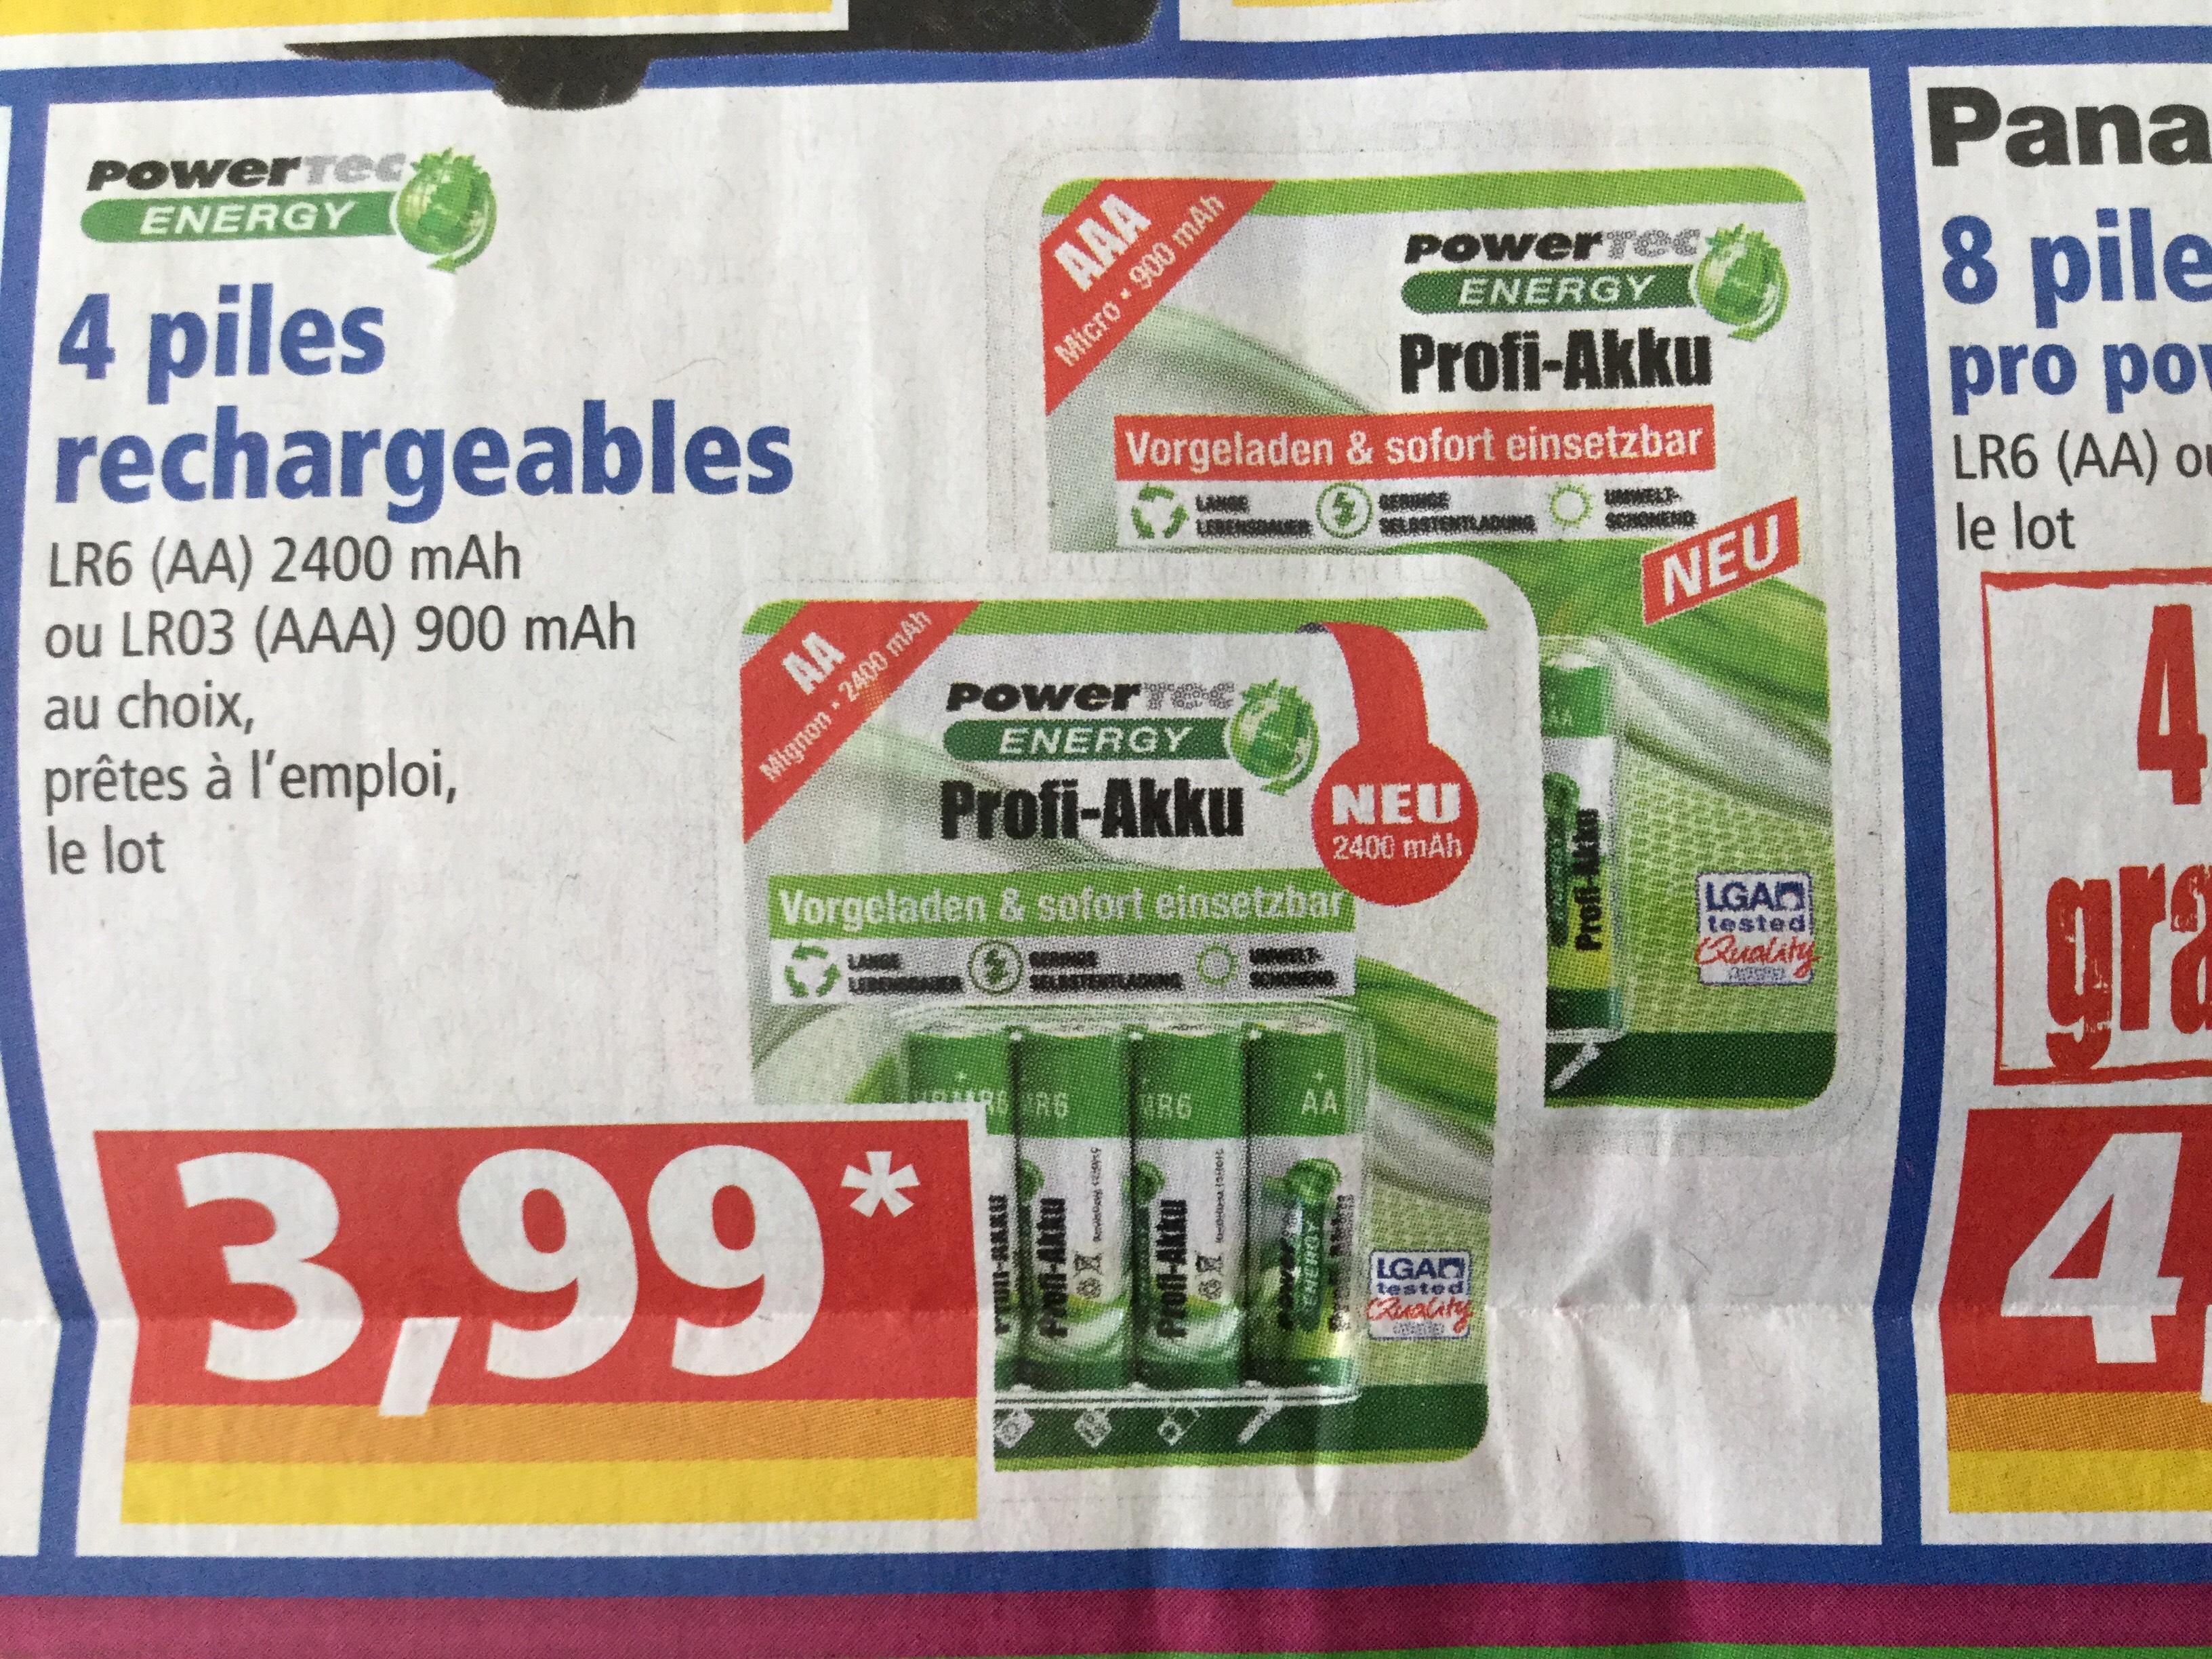 Sélection d'articles en promotion - Ex : Lot de 4 piles rechargeables PowerTec AA (2400 mAh) ou AAA (900 mAh)